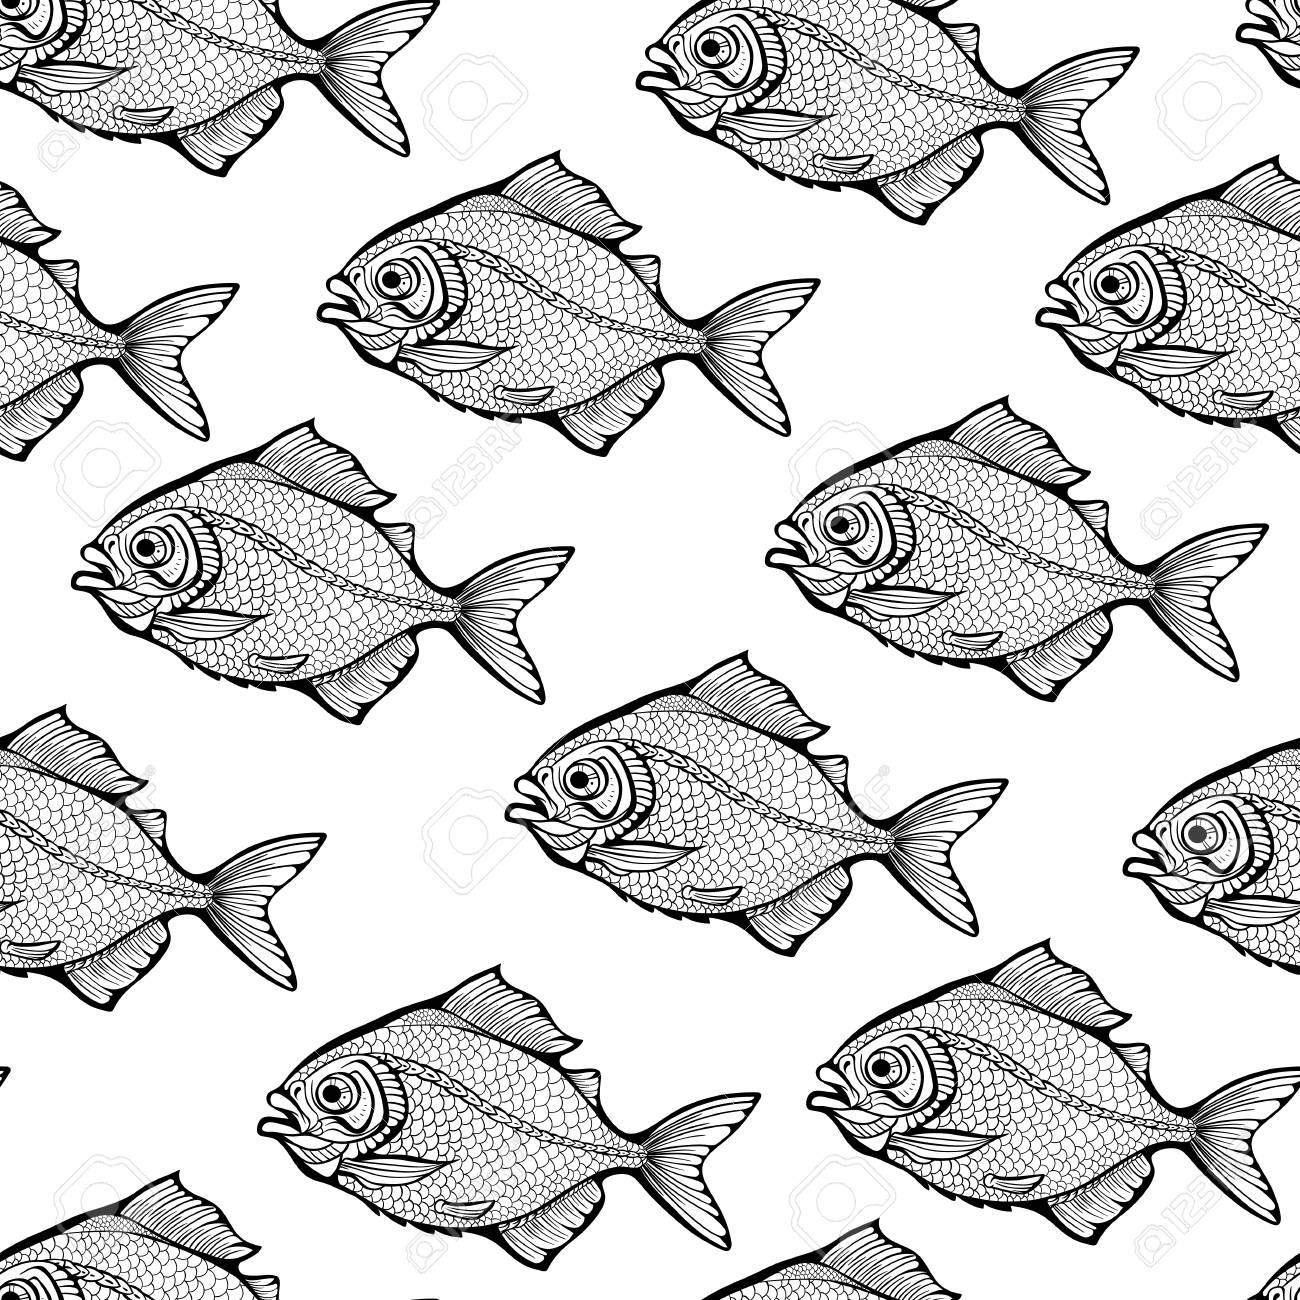 Patrón De Peces En Blanco Y Negro Ilustraciones Vectoriales Clip